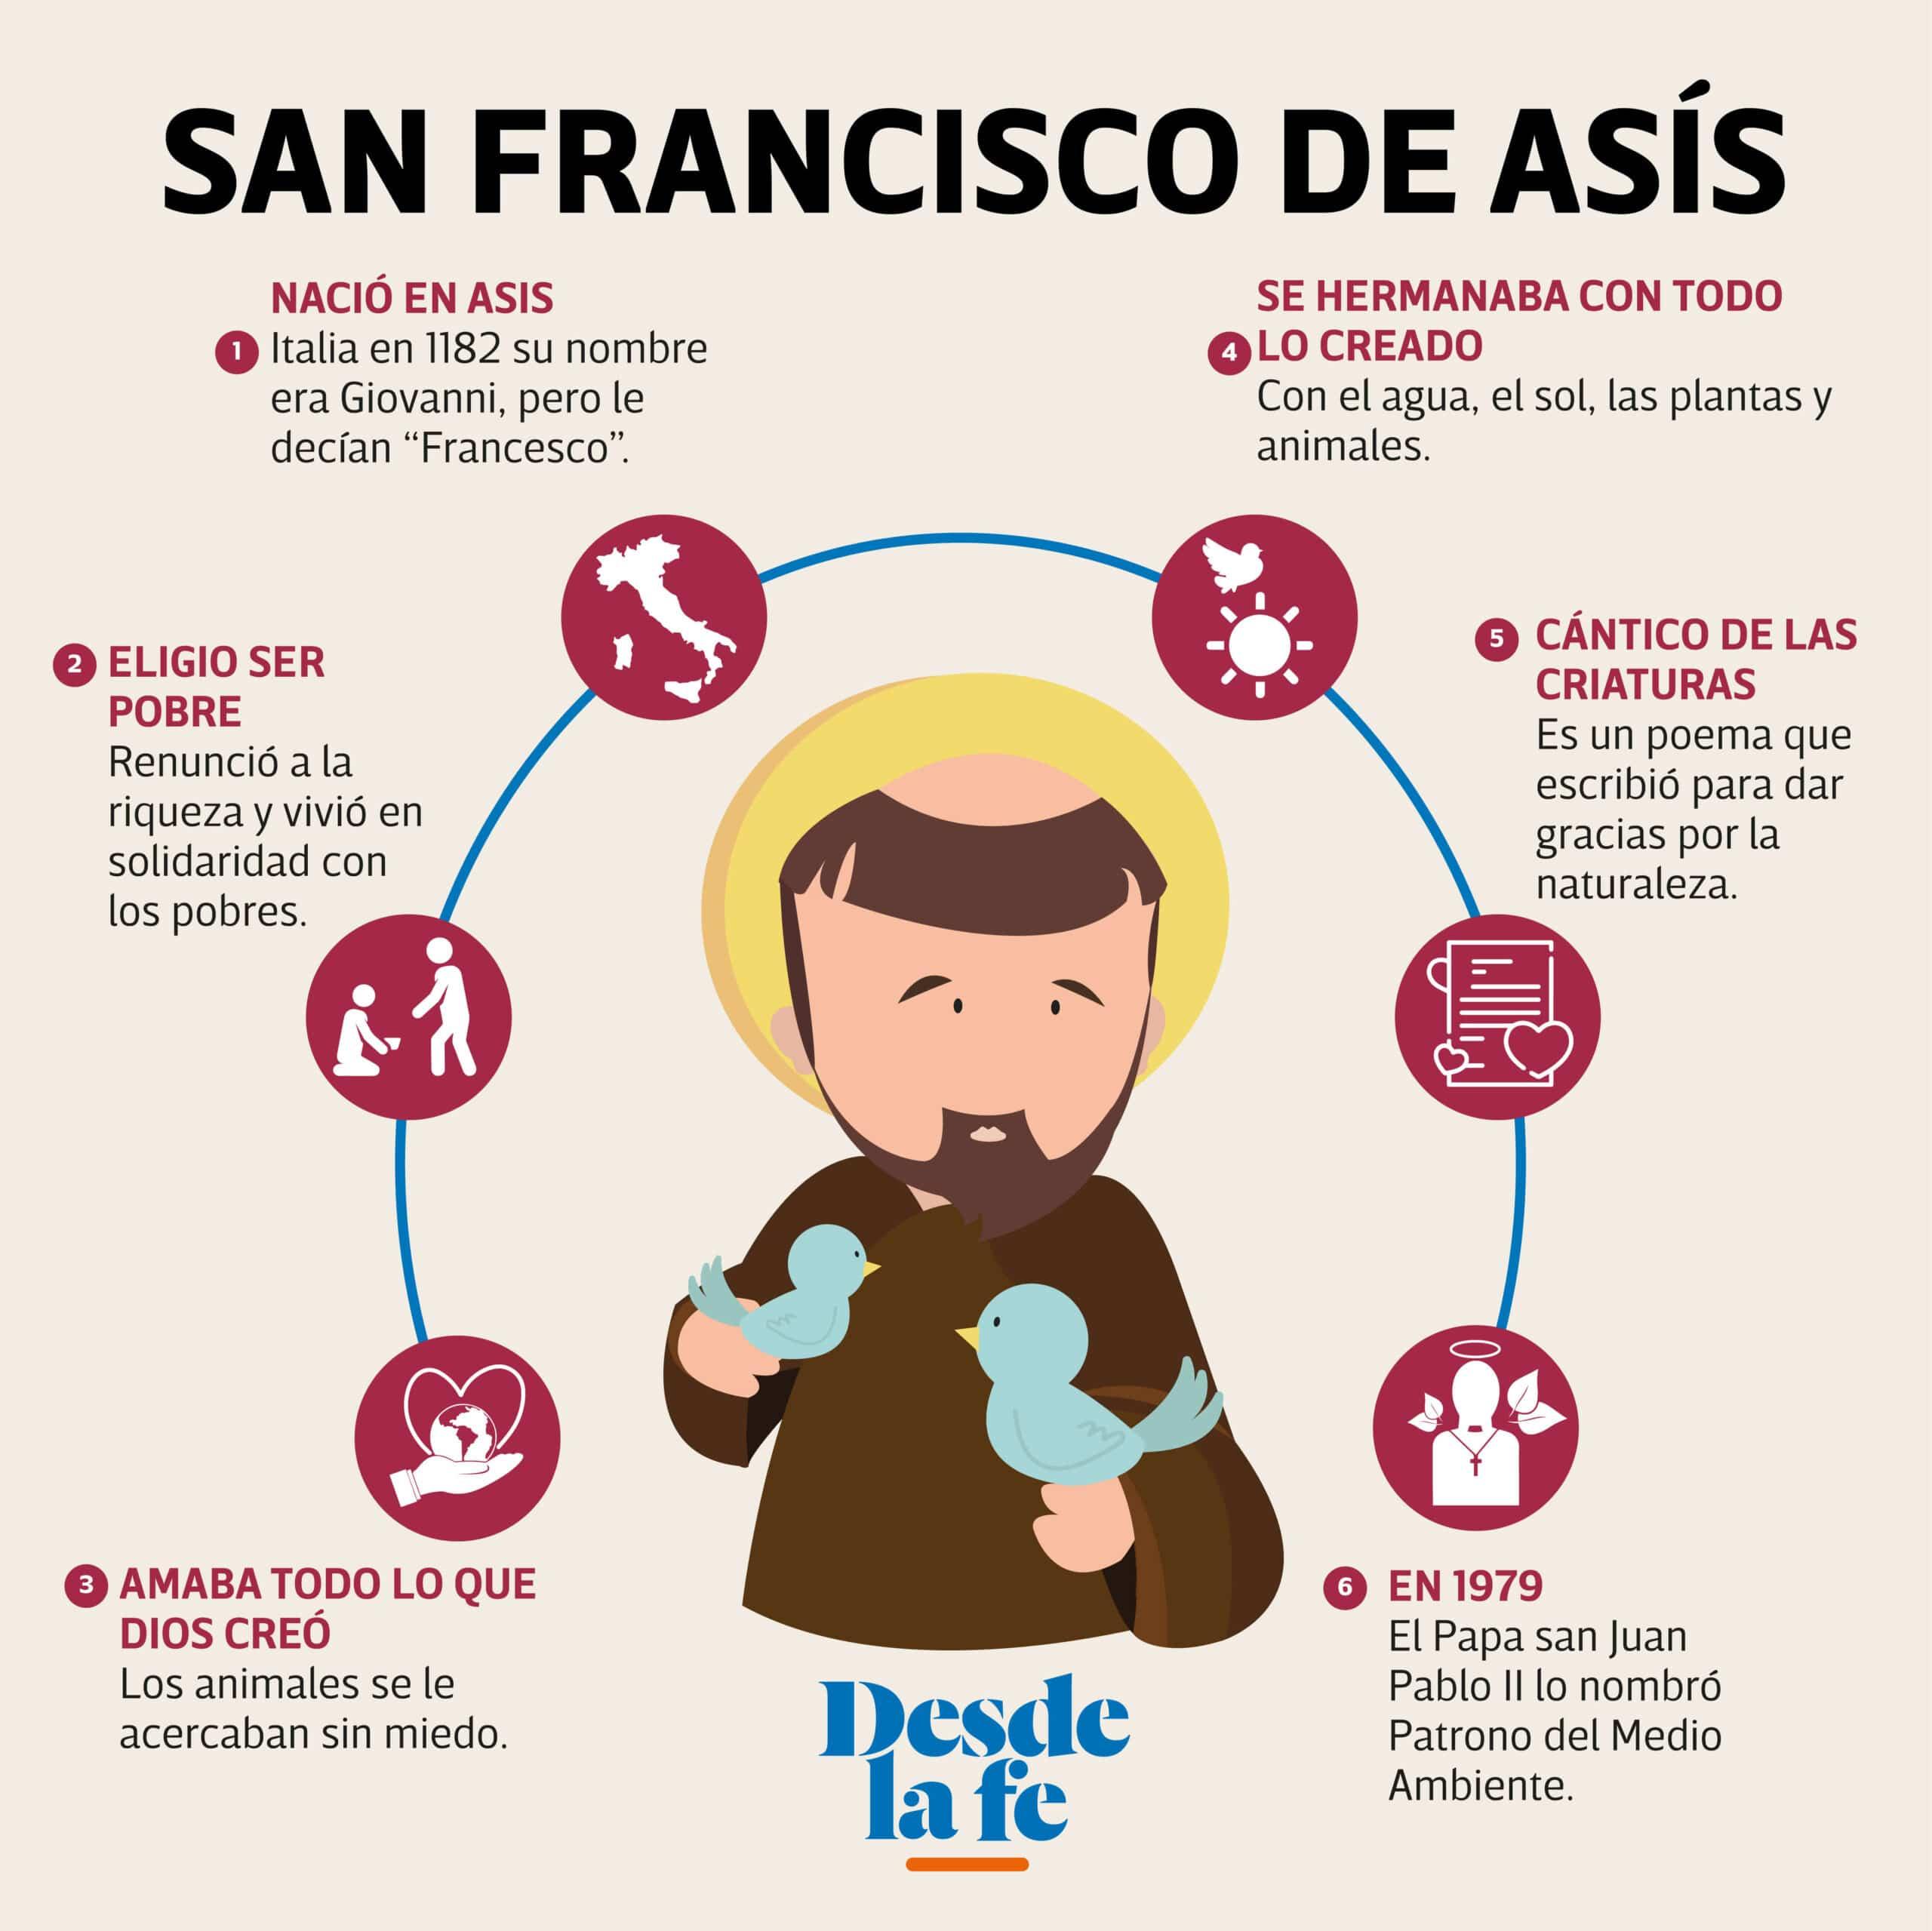 Conoce la vida y obra de San Francisco de Asís.